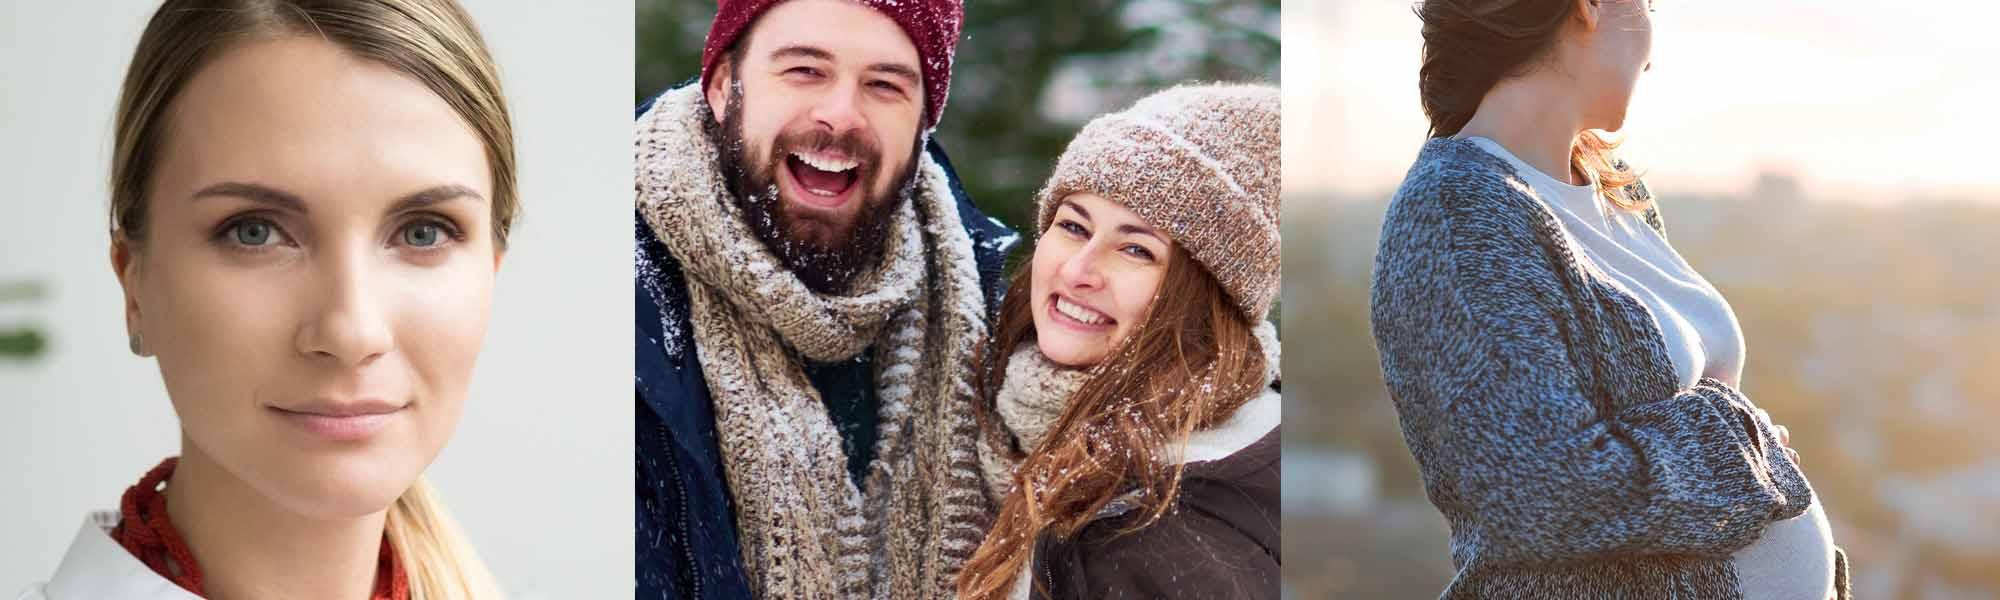 Урогенитальный трихомониаз у мужчин и женщин лечение